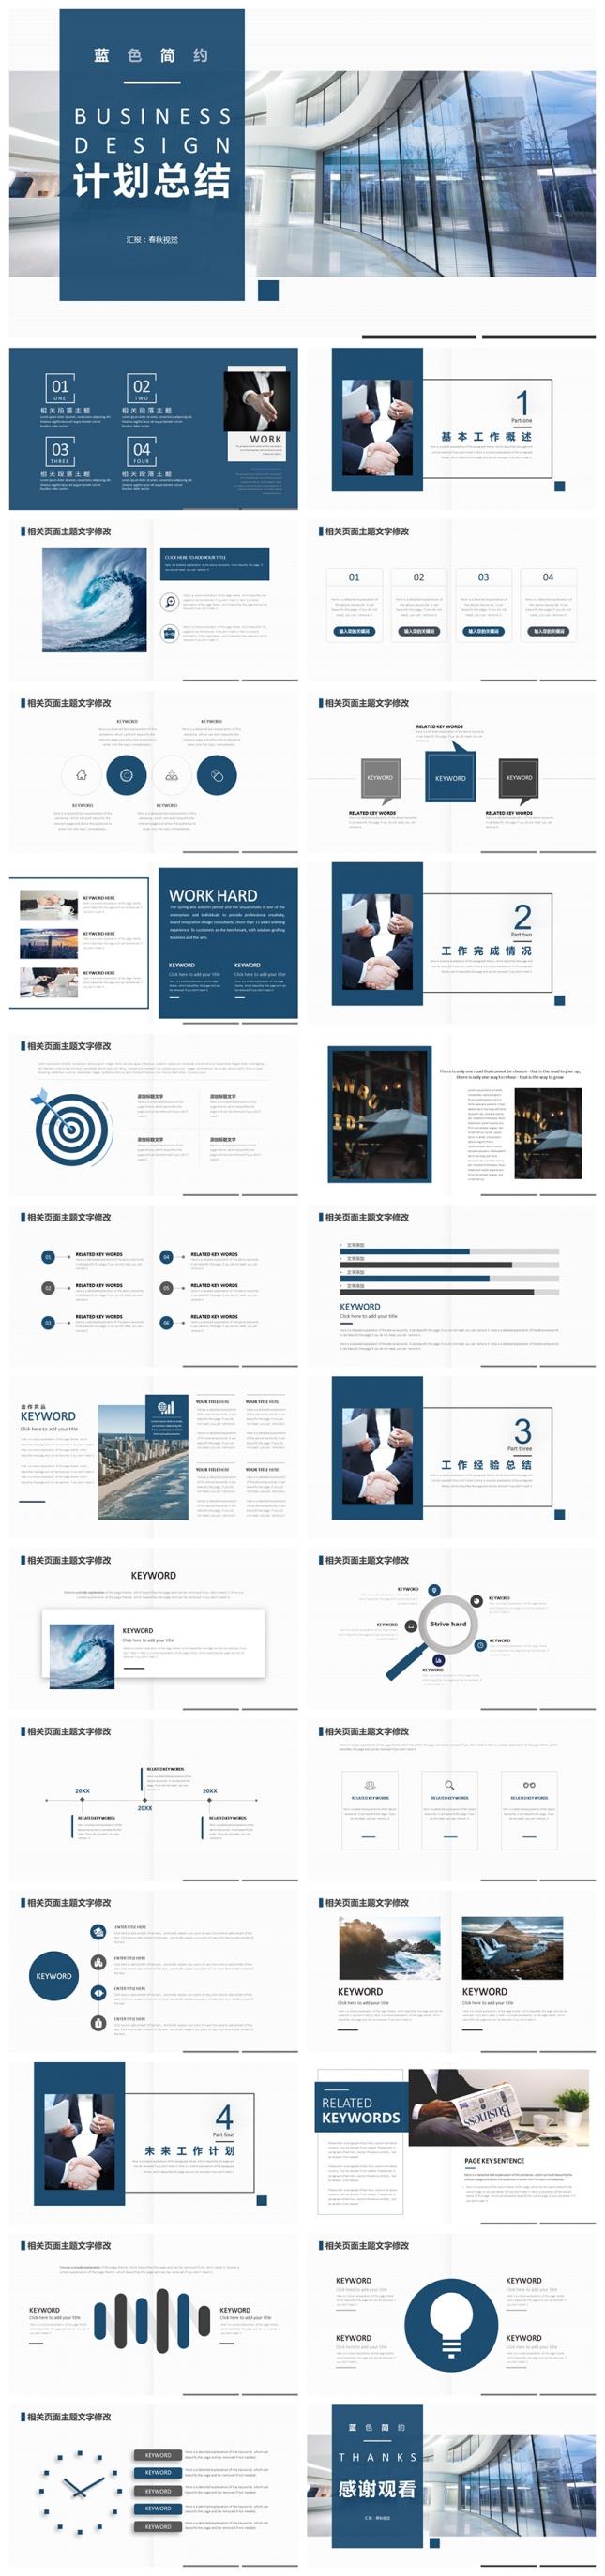 蓝色简约企业宣传总结报告PPT模板